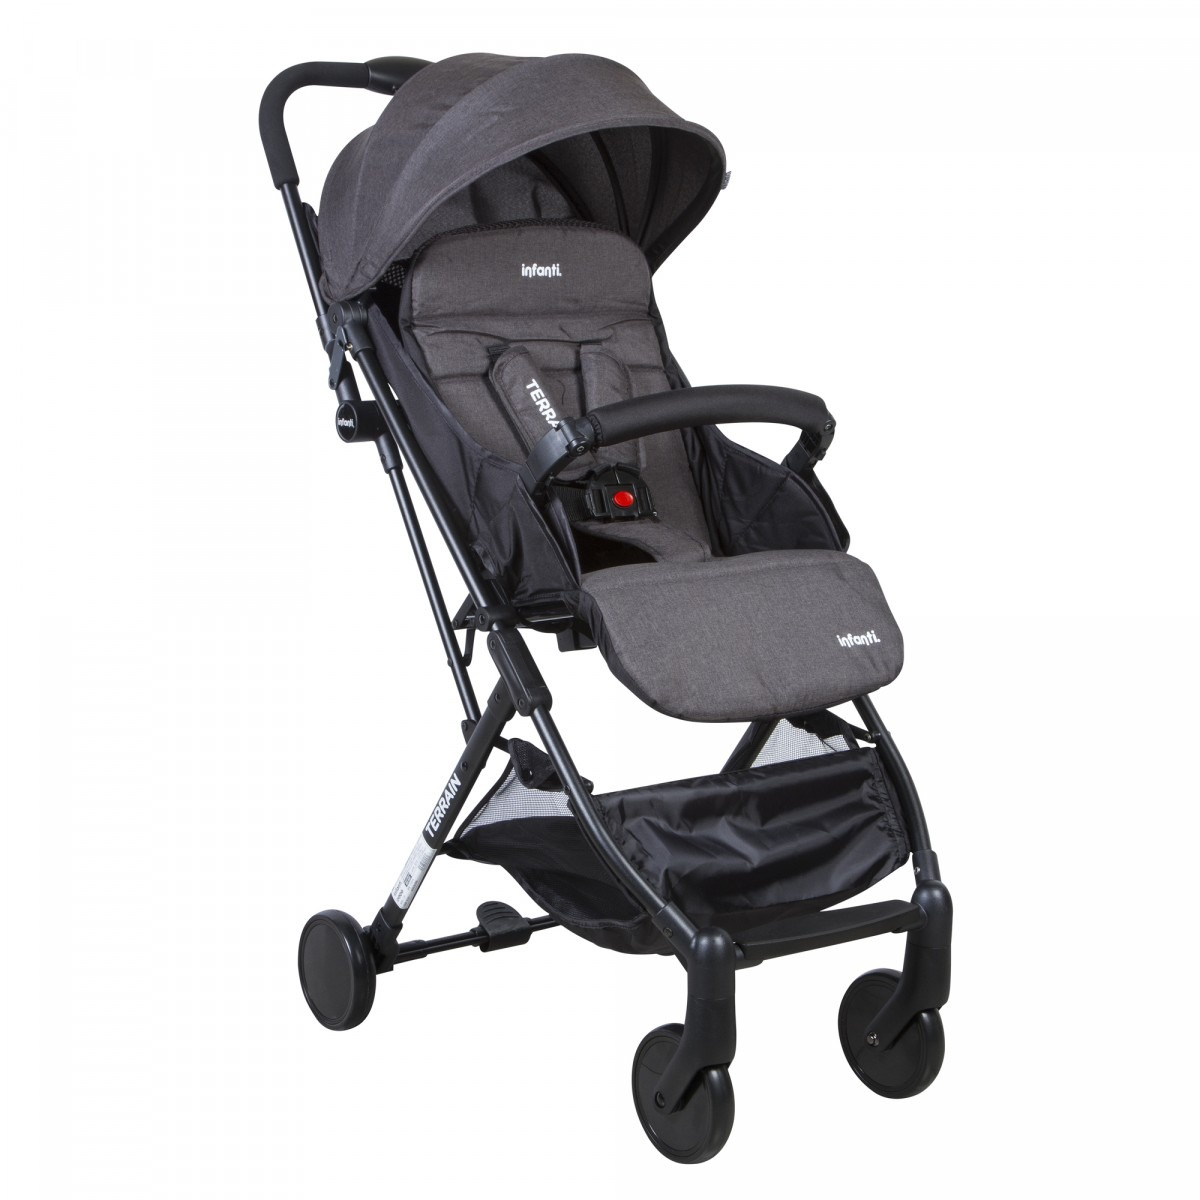 cochecito-bebes-infanti-c3-terrain-negro-1